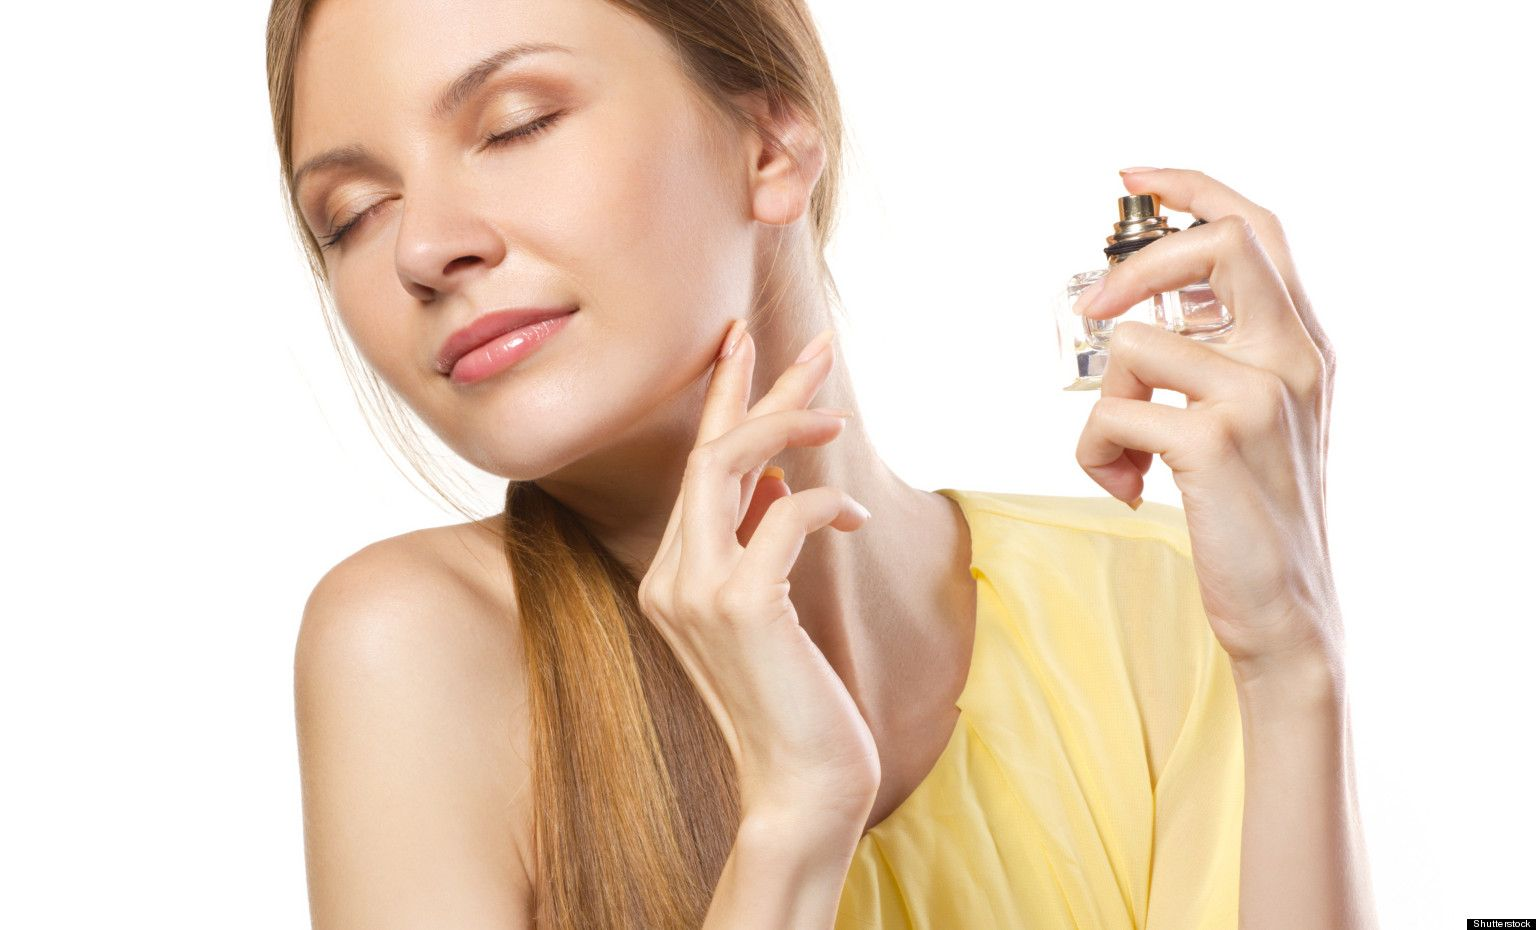 Los resultados sugieren que el uso de productos perfumados alteran la forma en que nos percibimos unos a otros.